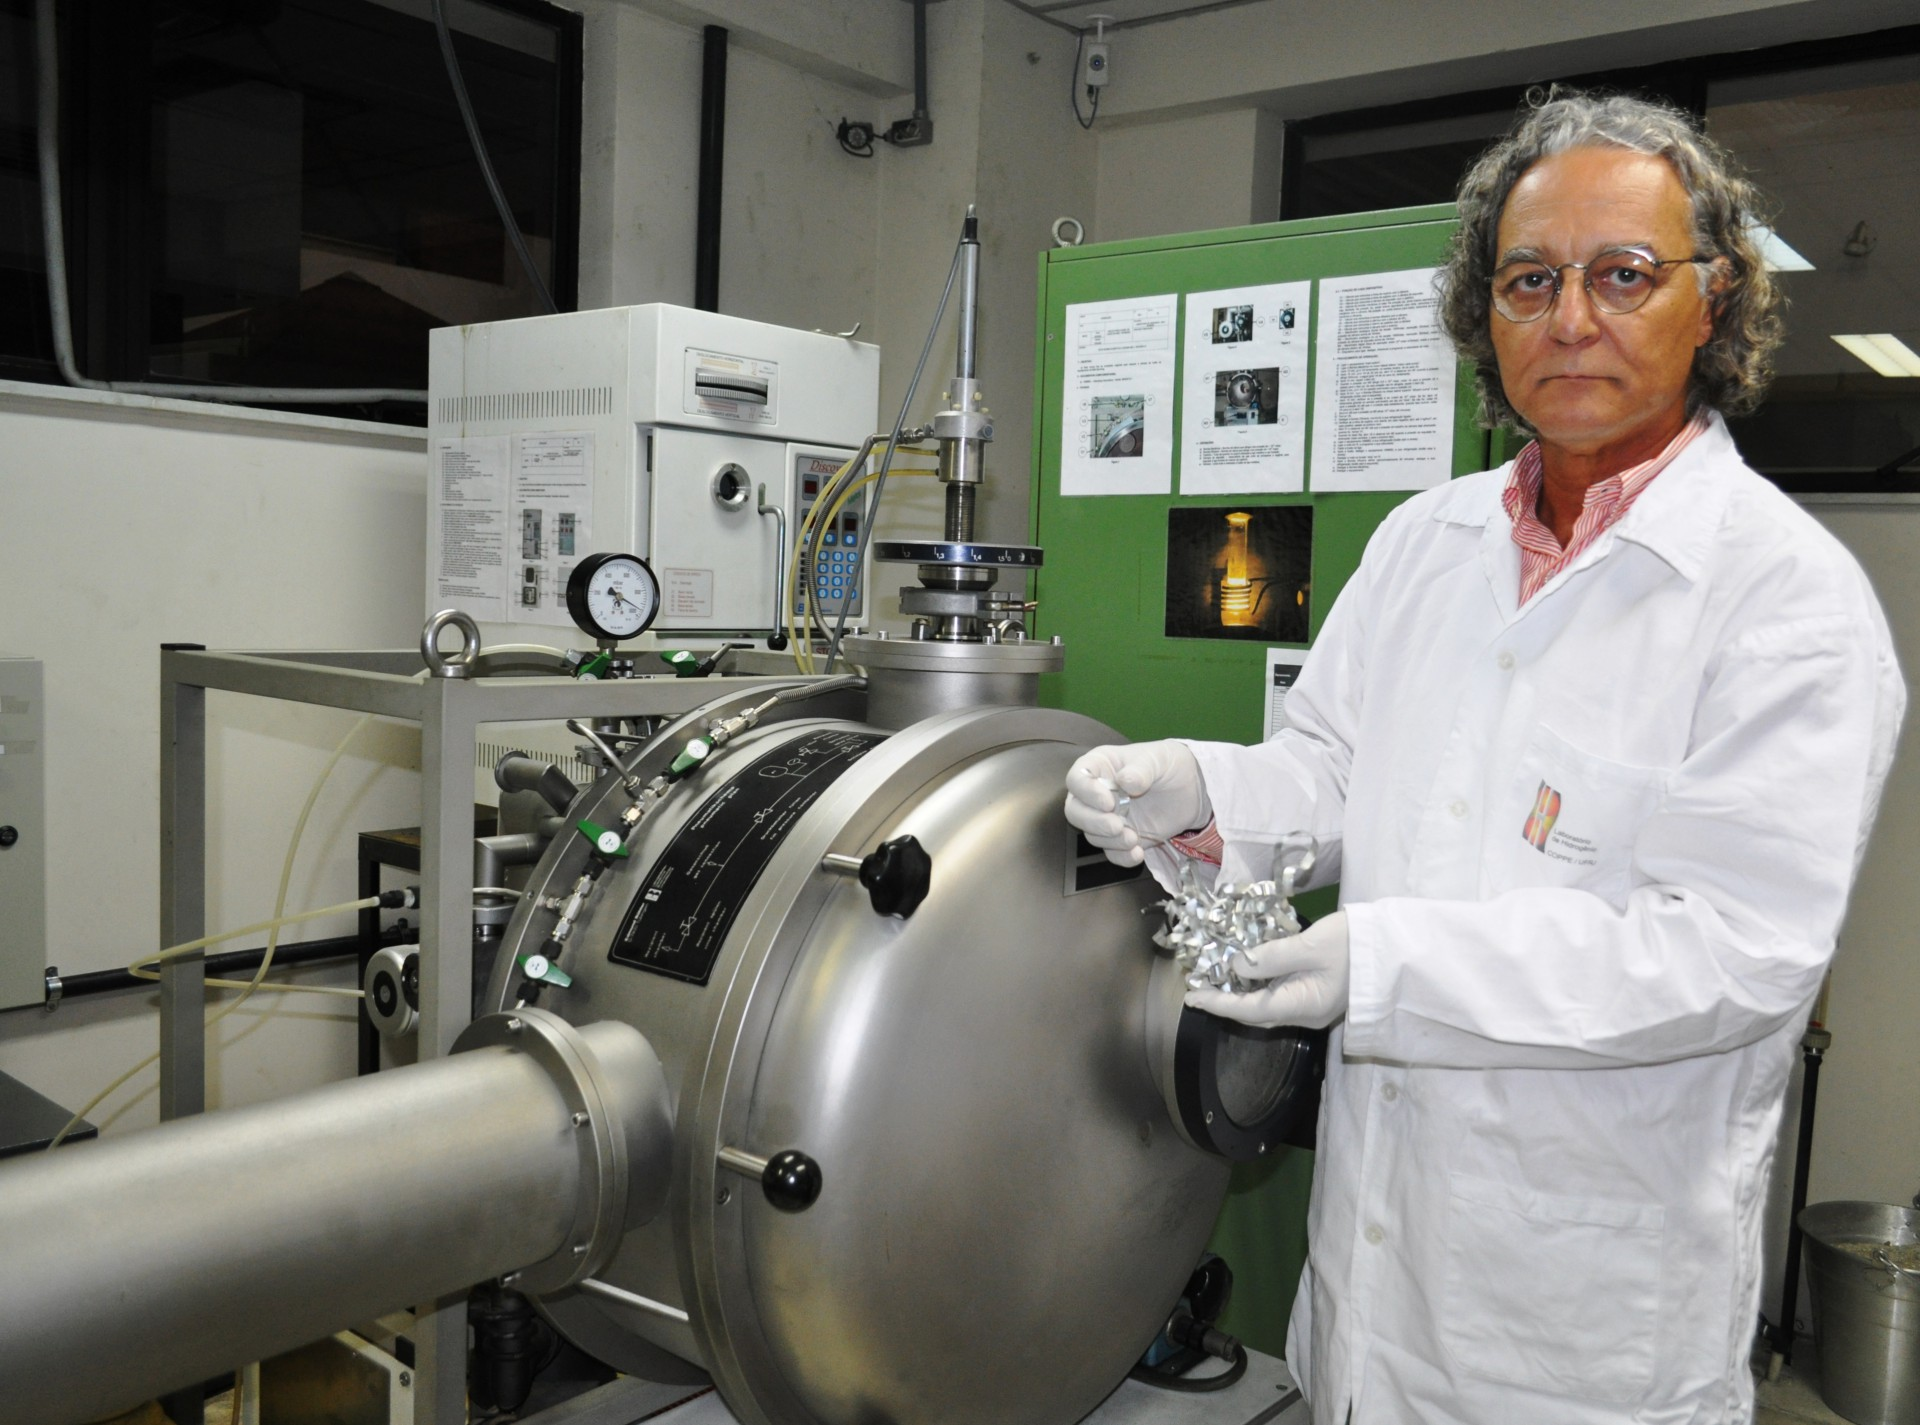 Paulo Emílio, coordenador do Laboratório de Hidrogênio da Coppe/UFRJ